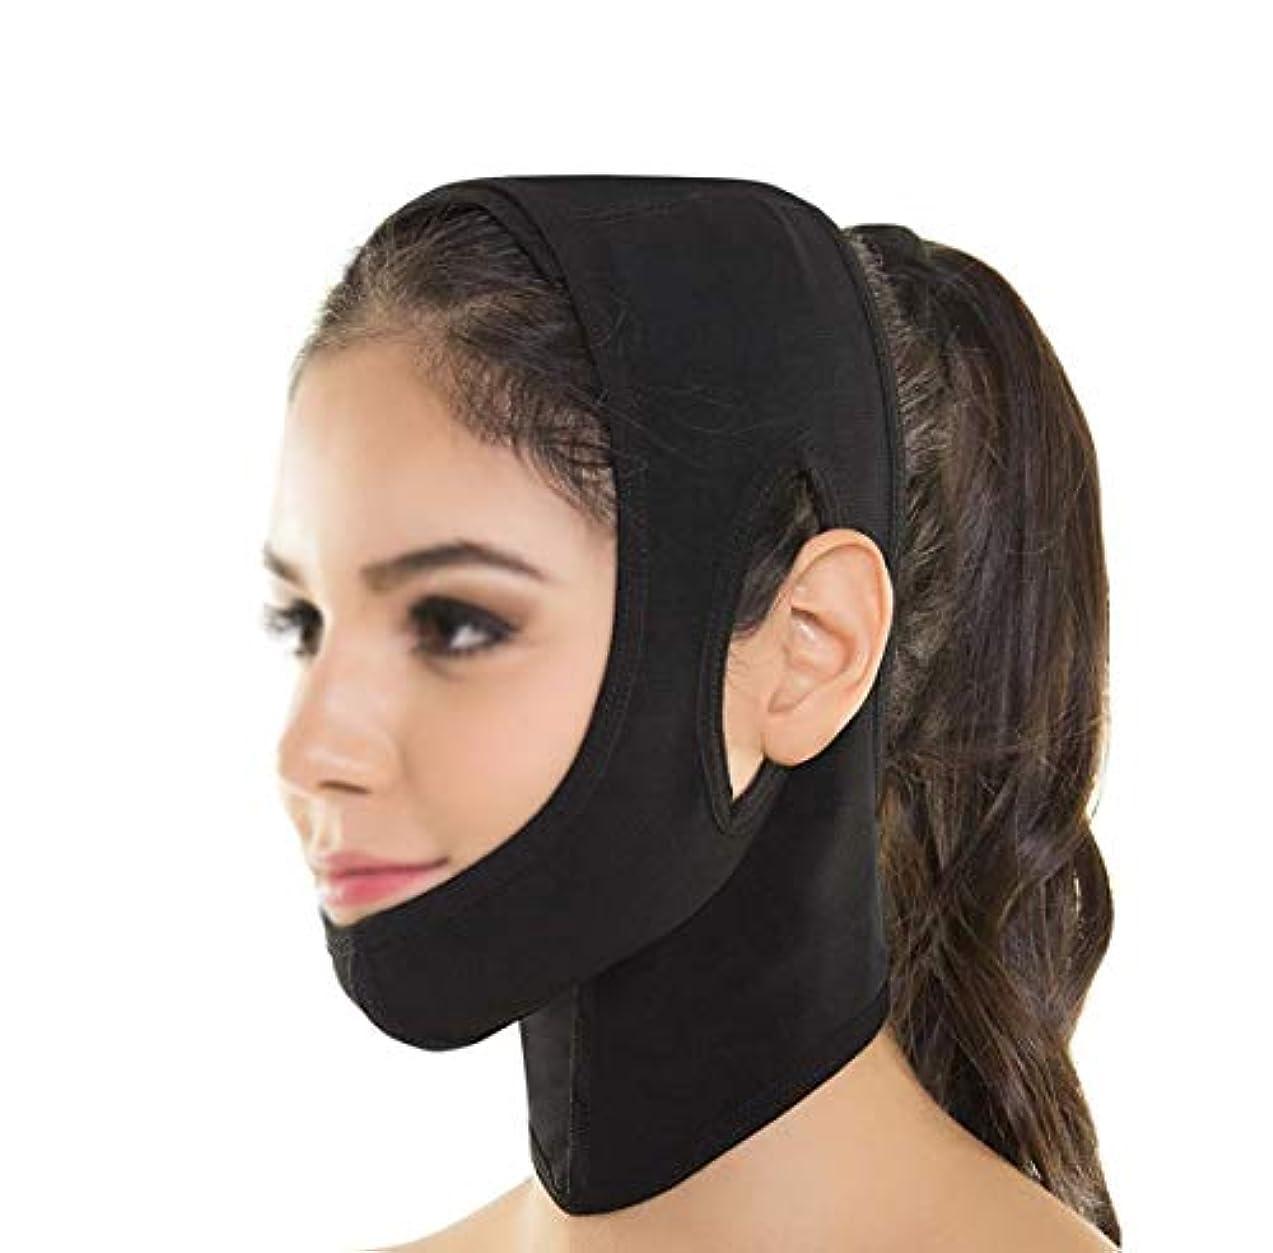 牧草地違反示すGLJJQMY フェイシャルリフティングマスクシリコンVマスクリフティングマスクシンフェイスアーティファクトリフティングダブルチン術後包帯フェイシャル&ネックリフティング 顔用整形マスク (Color : Black)